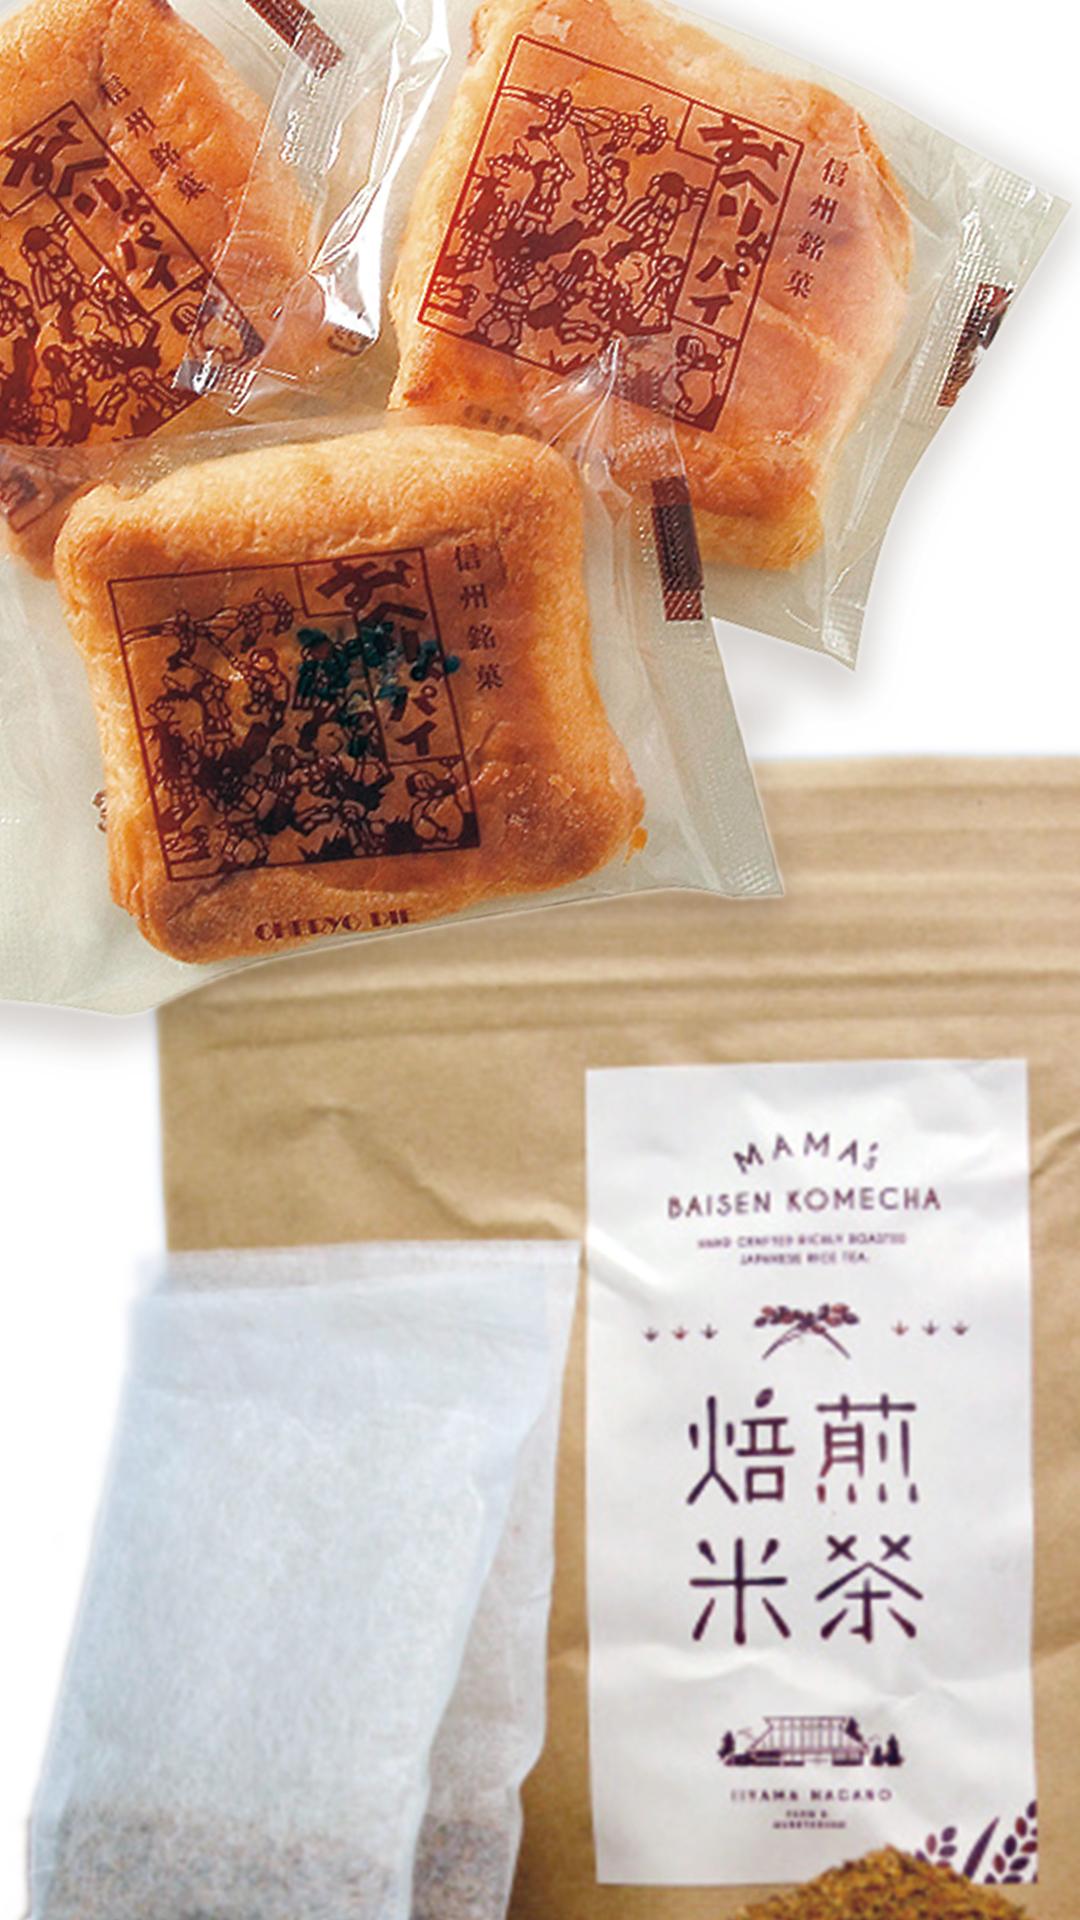 おへりょパイと焙煎米茶セット画像